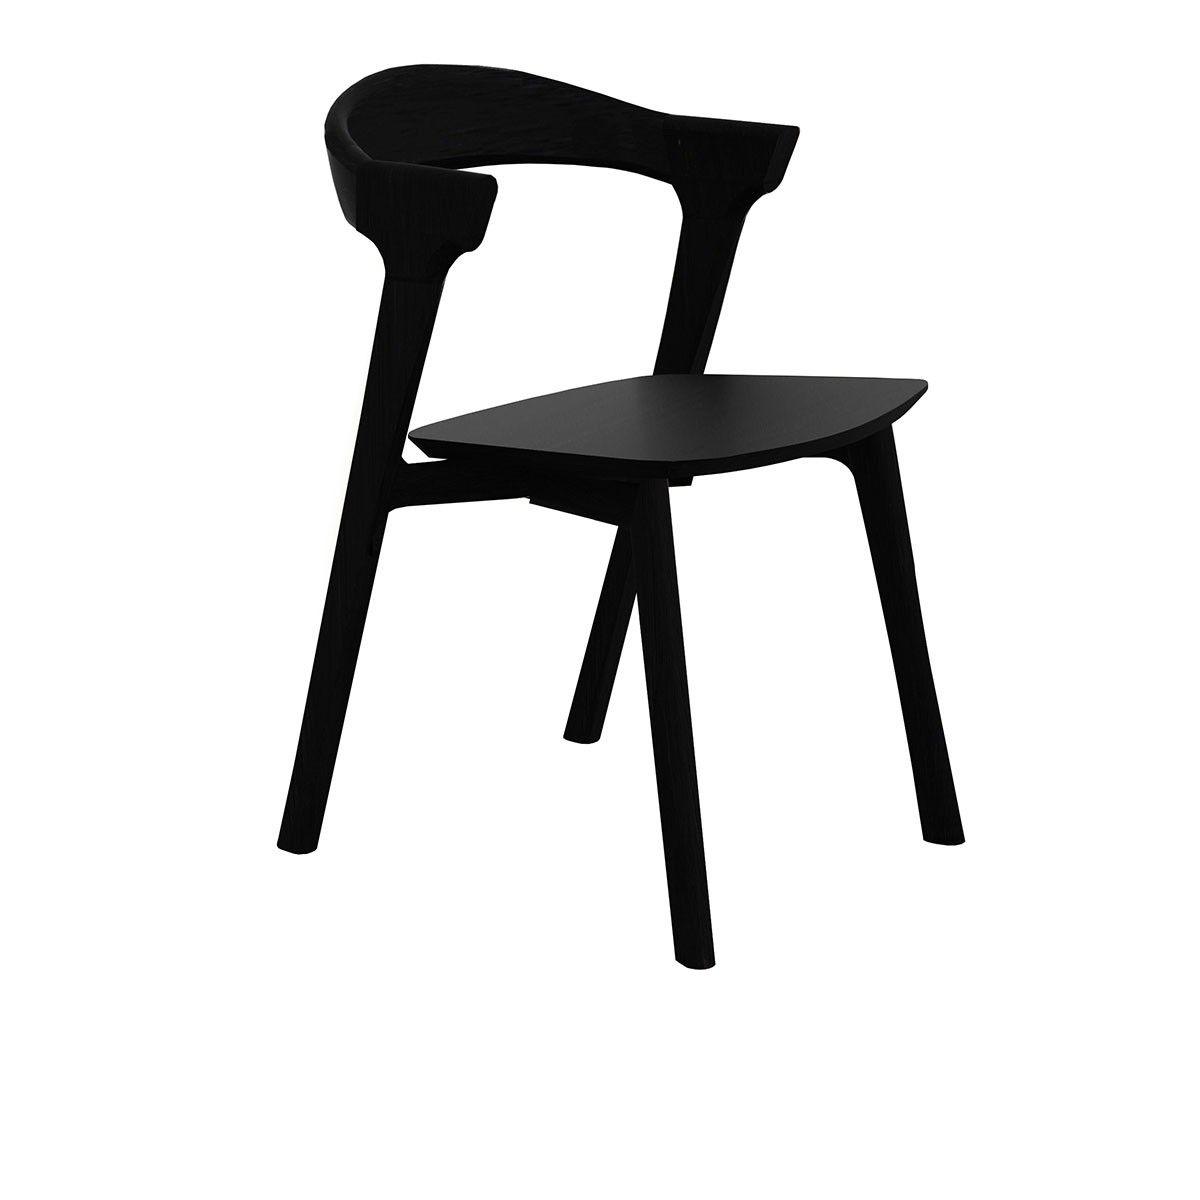 Chaise Bok Noir Concue En Bois De Chene La Chaise Bok Mise Sur Une Silhouette Contemporaine Qui Chaise Salle A Manger Chaise Design Bois De Chene